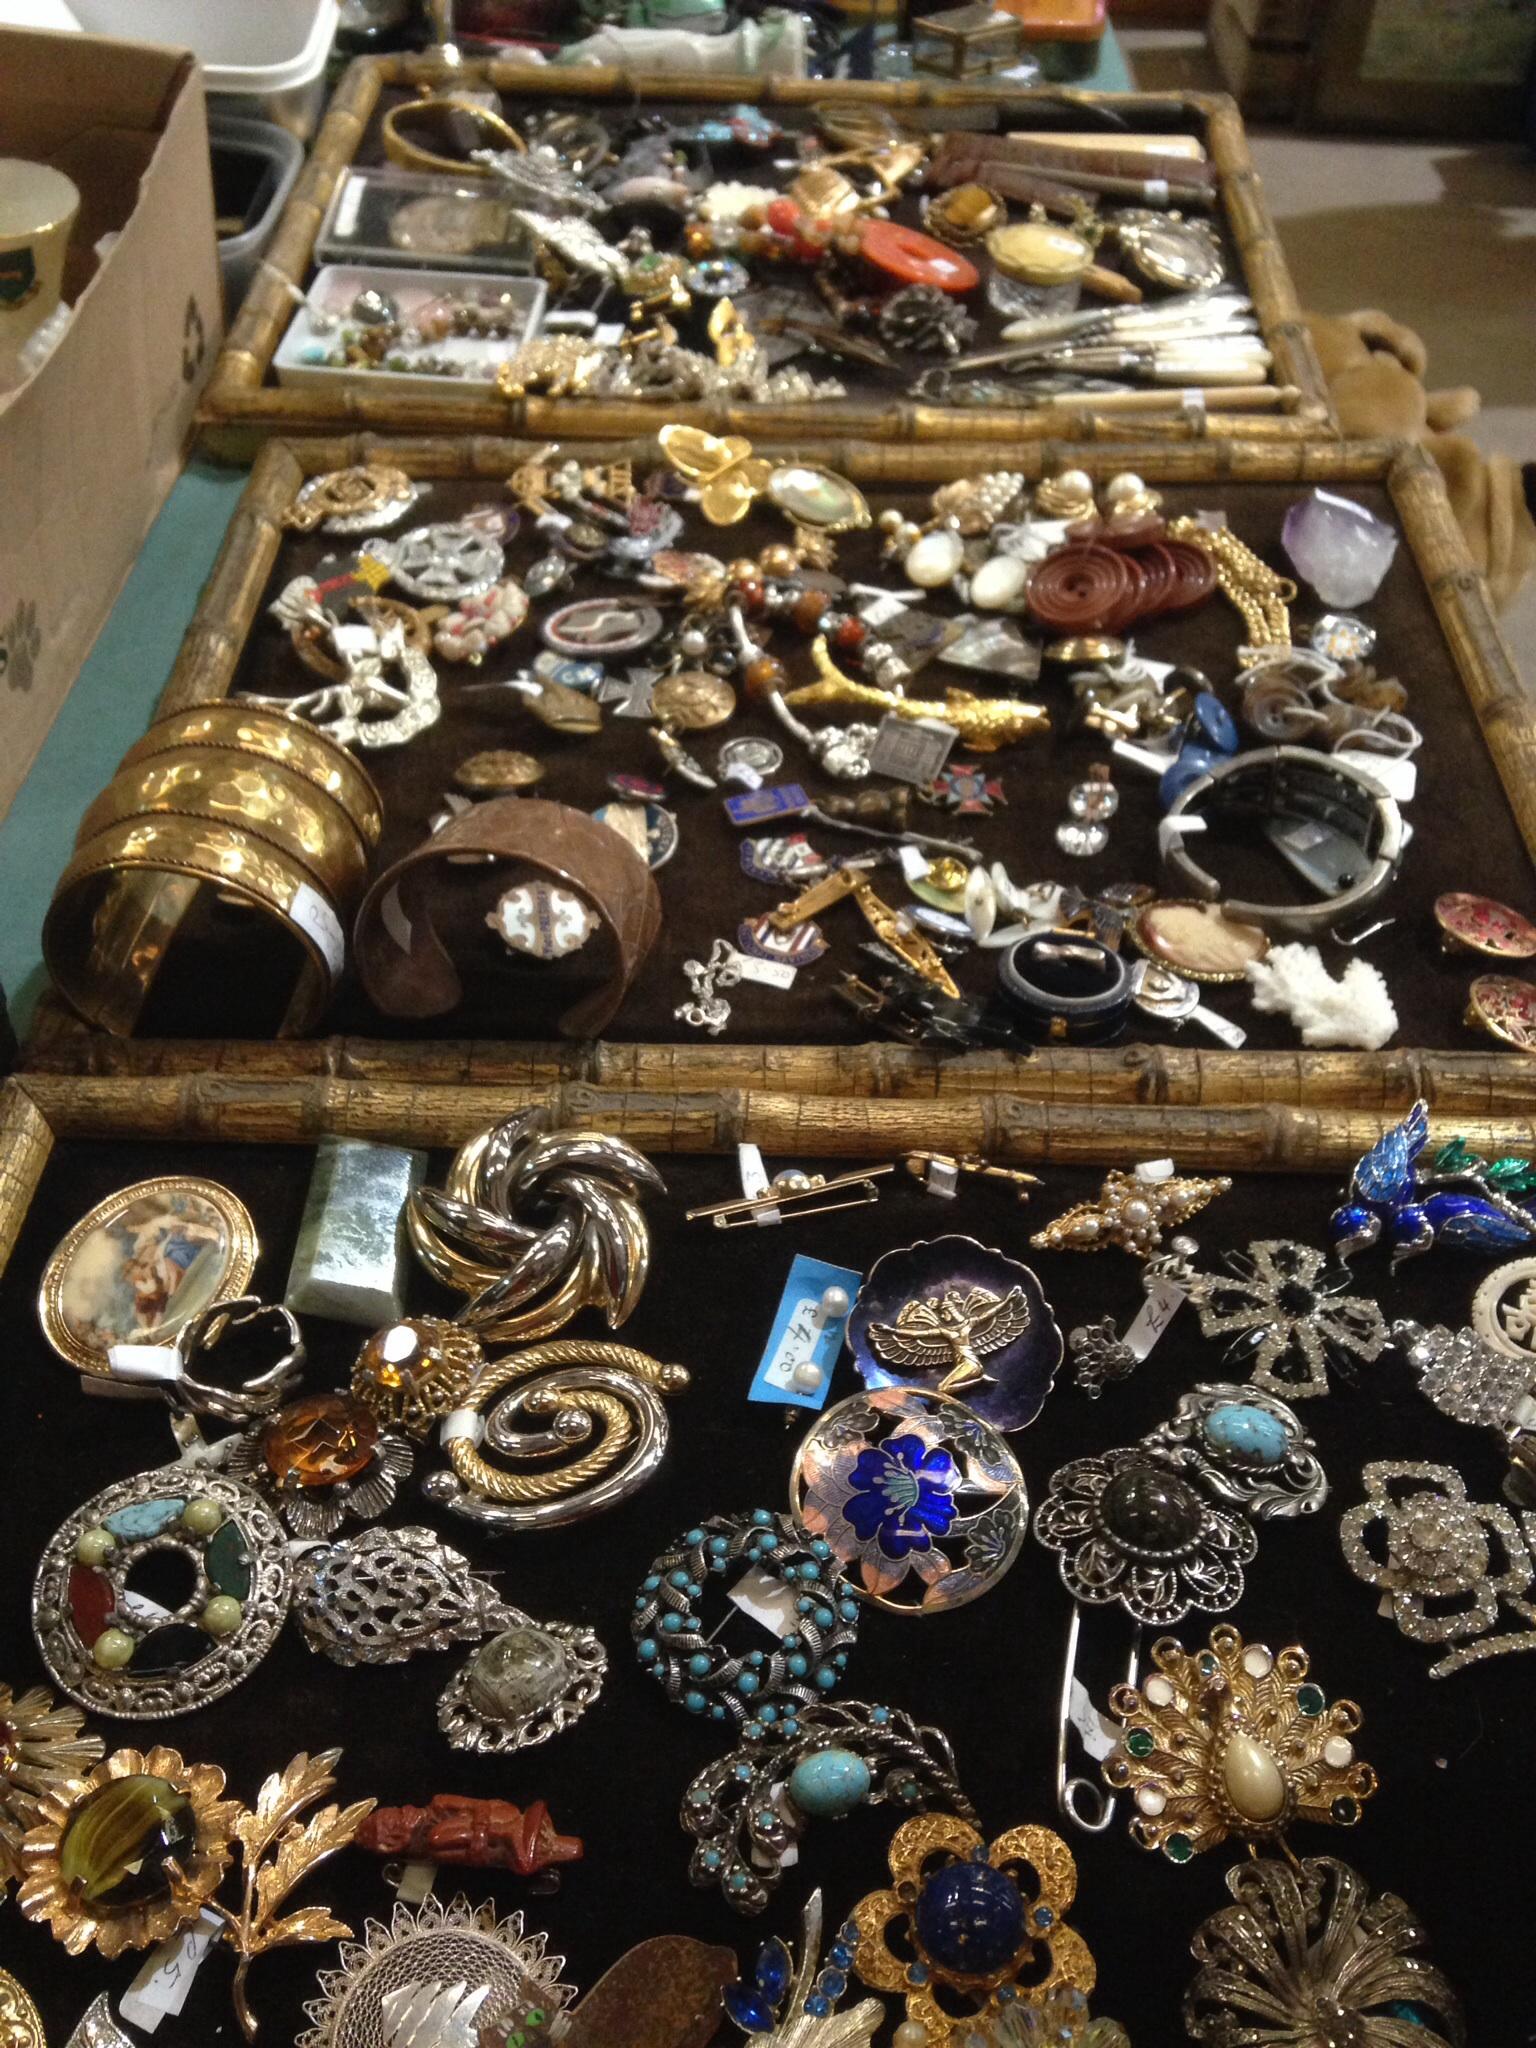 Shepton Mallet Flea Market - jewellery